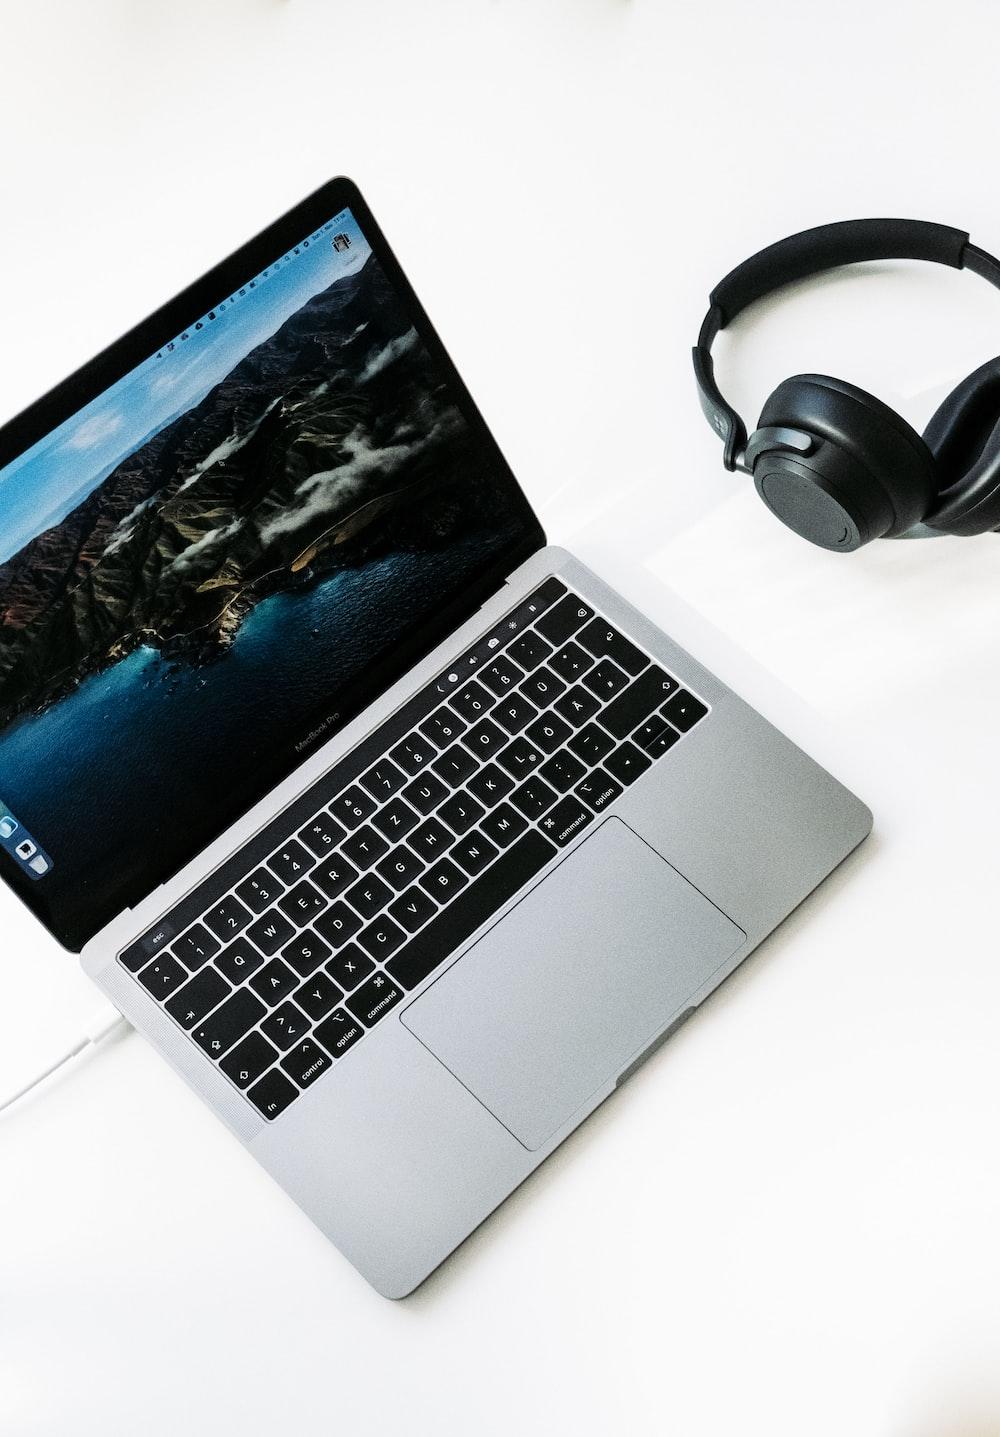 macbook pro beside black headphones